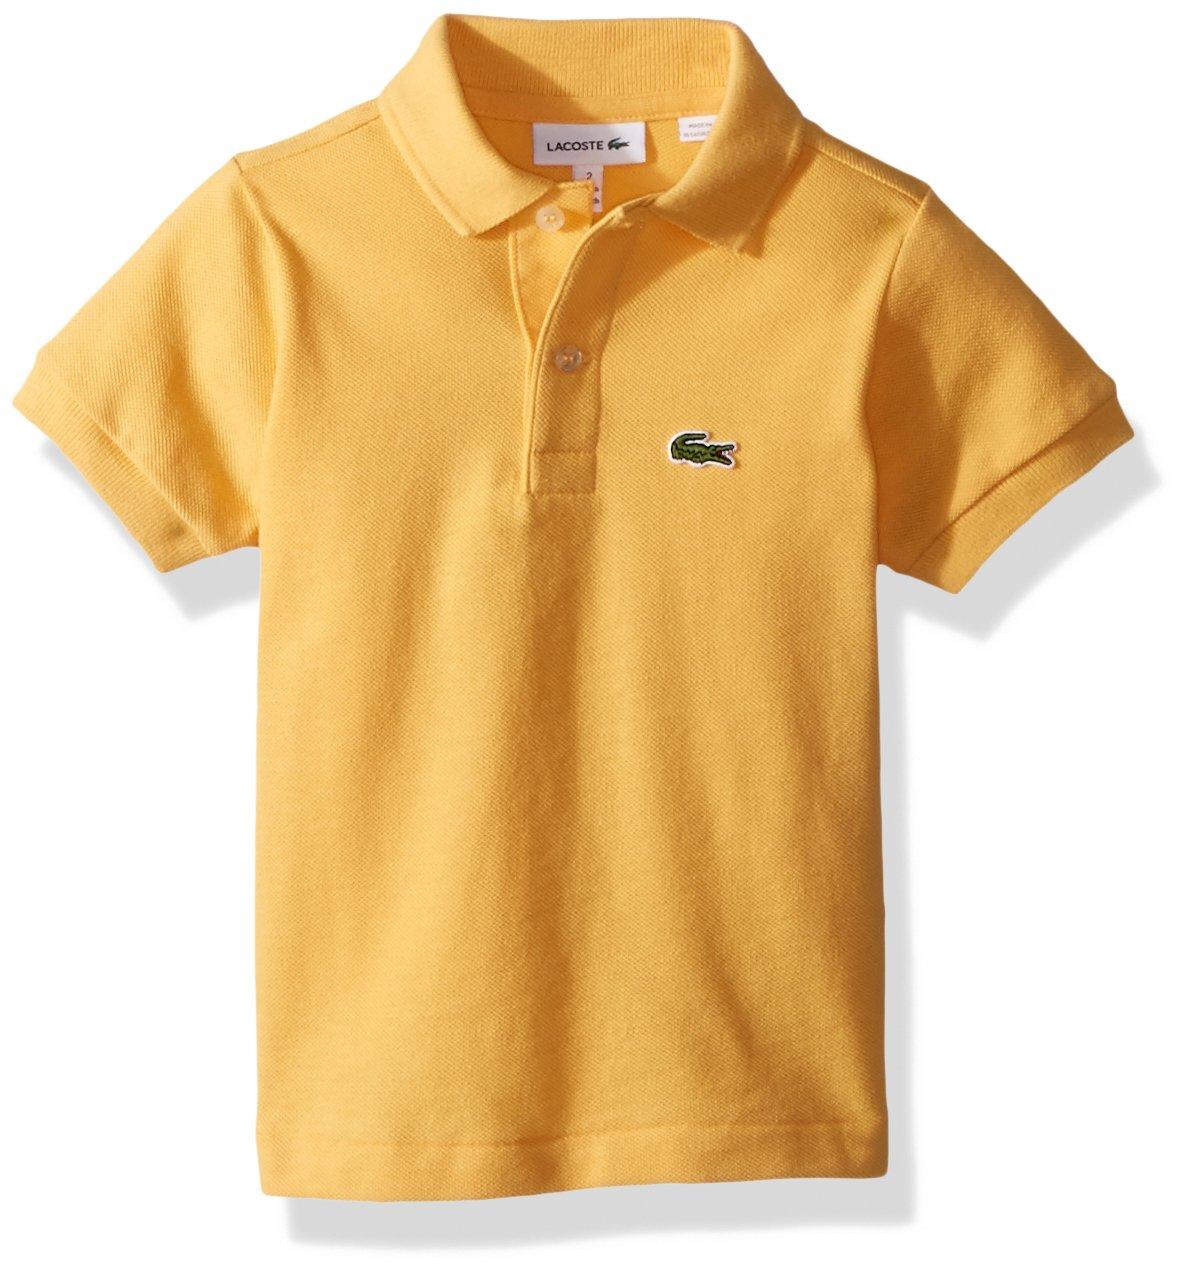 Lacoste Boys Boys Semi Fancy Pique Polo Shirt Polo Shirt